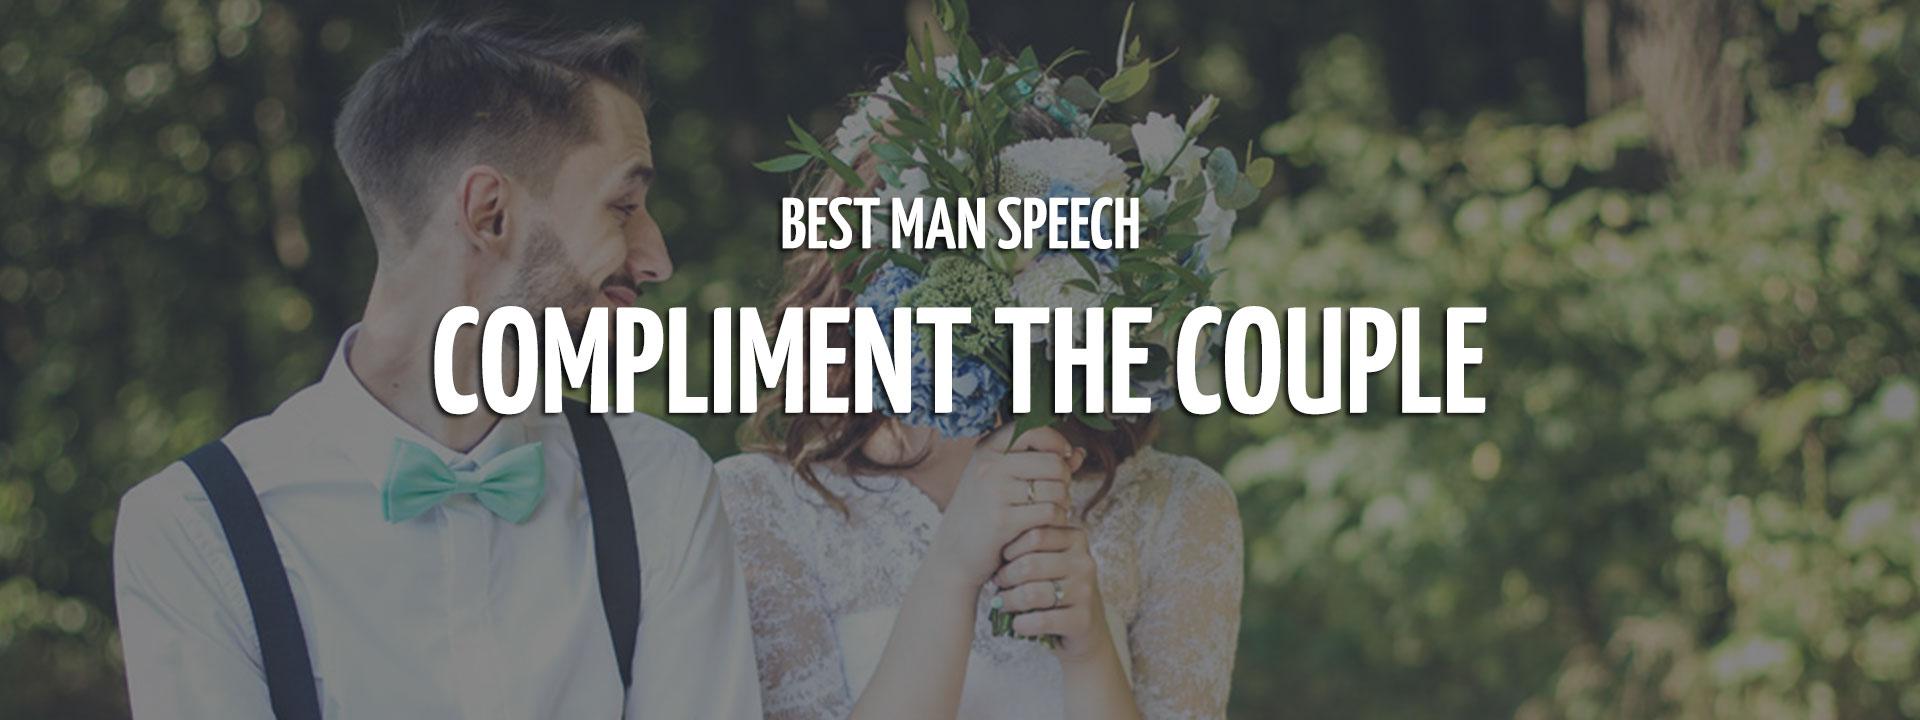 The Top Best Man Speech Ideas & Examples